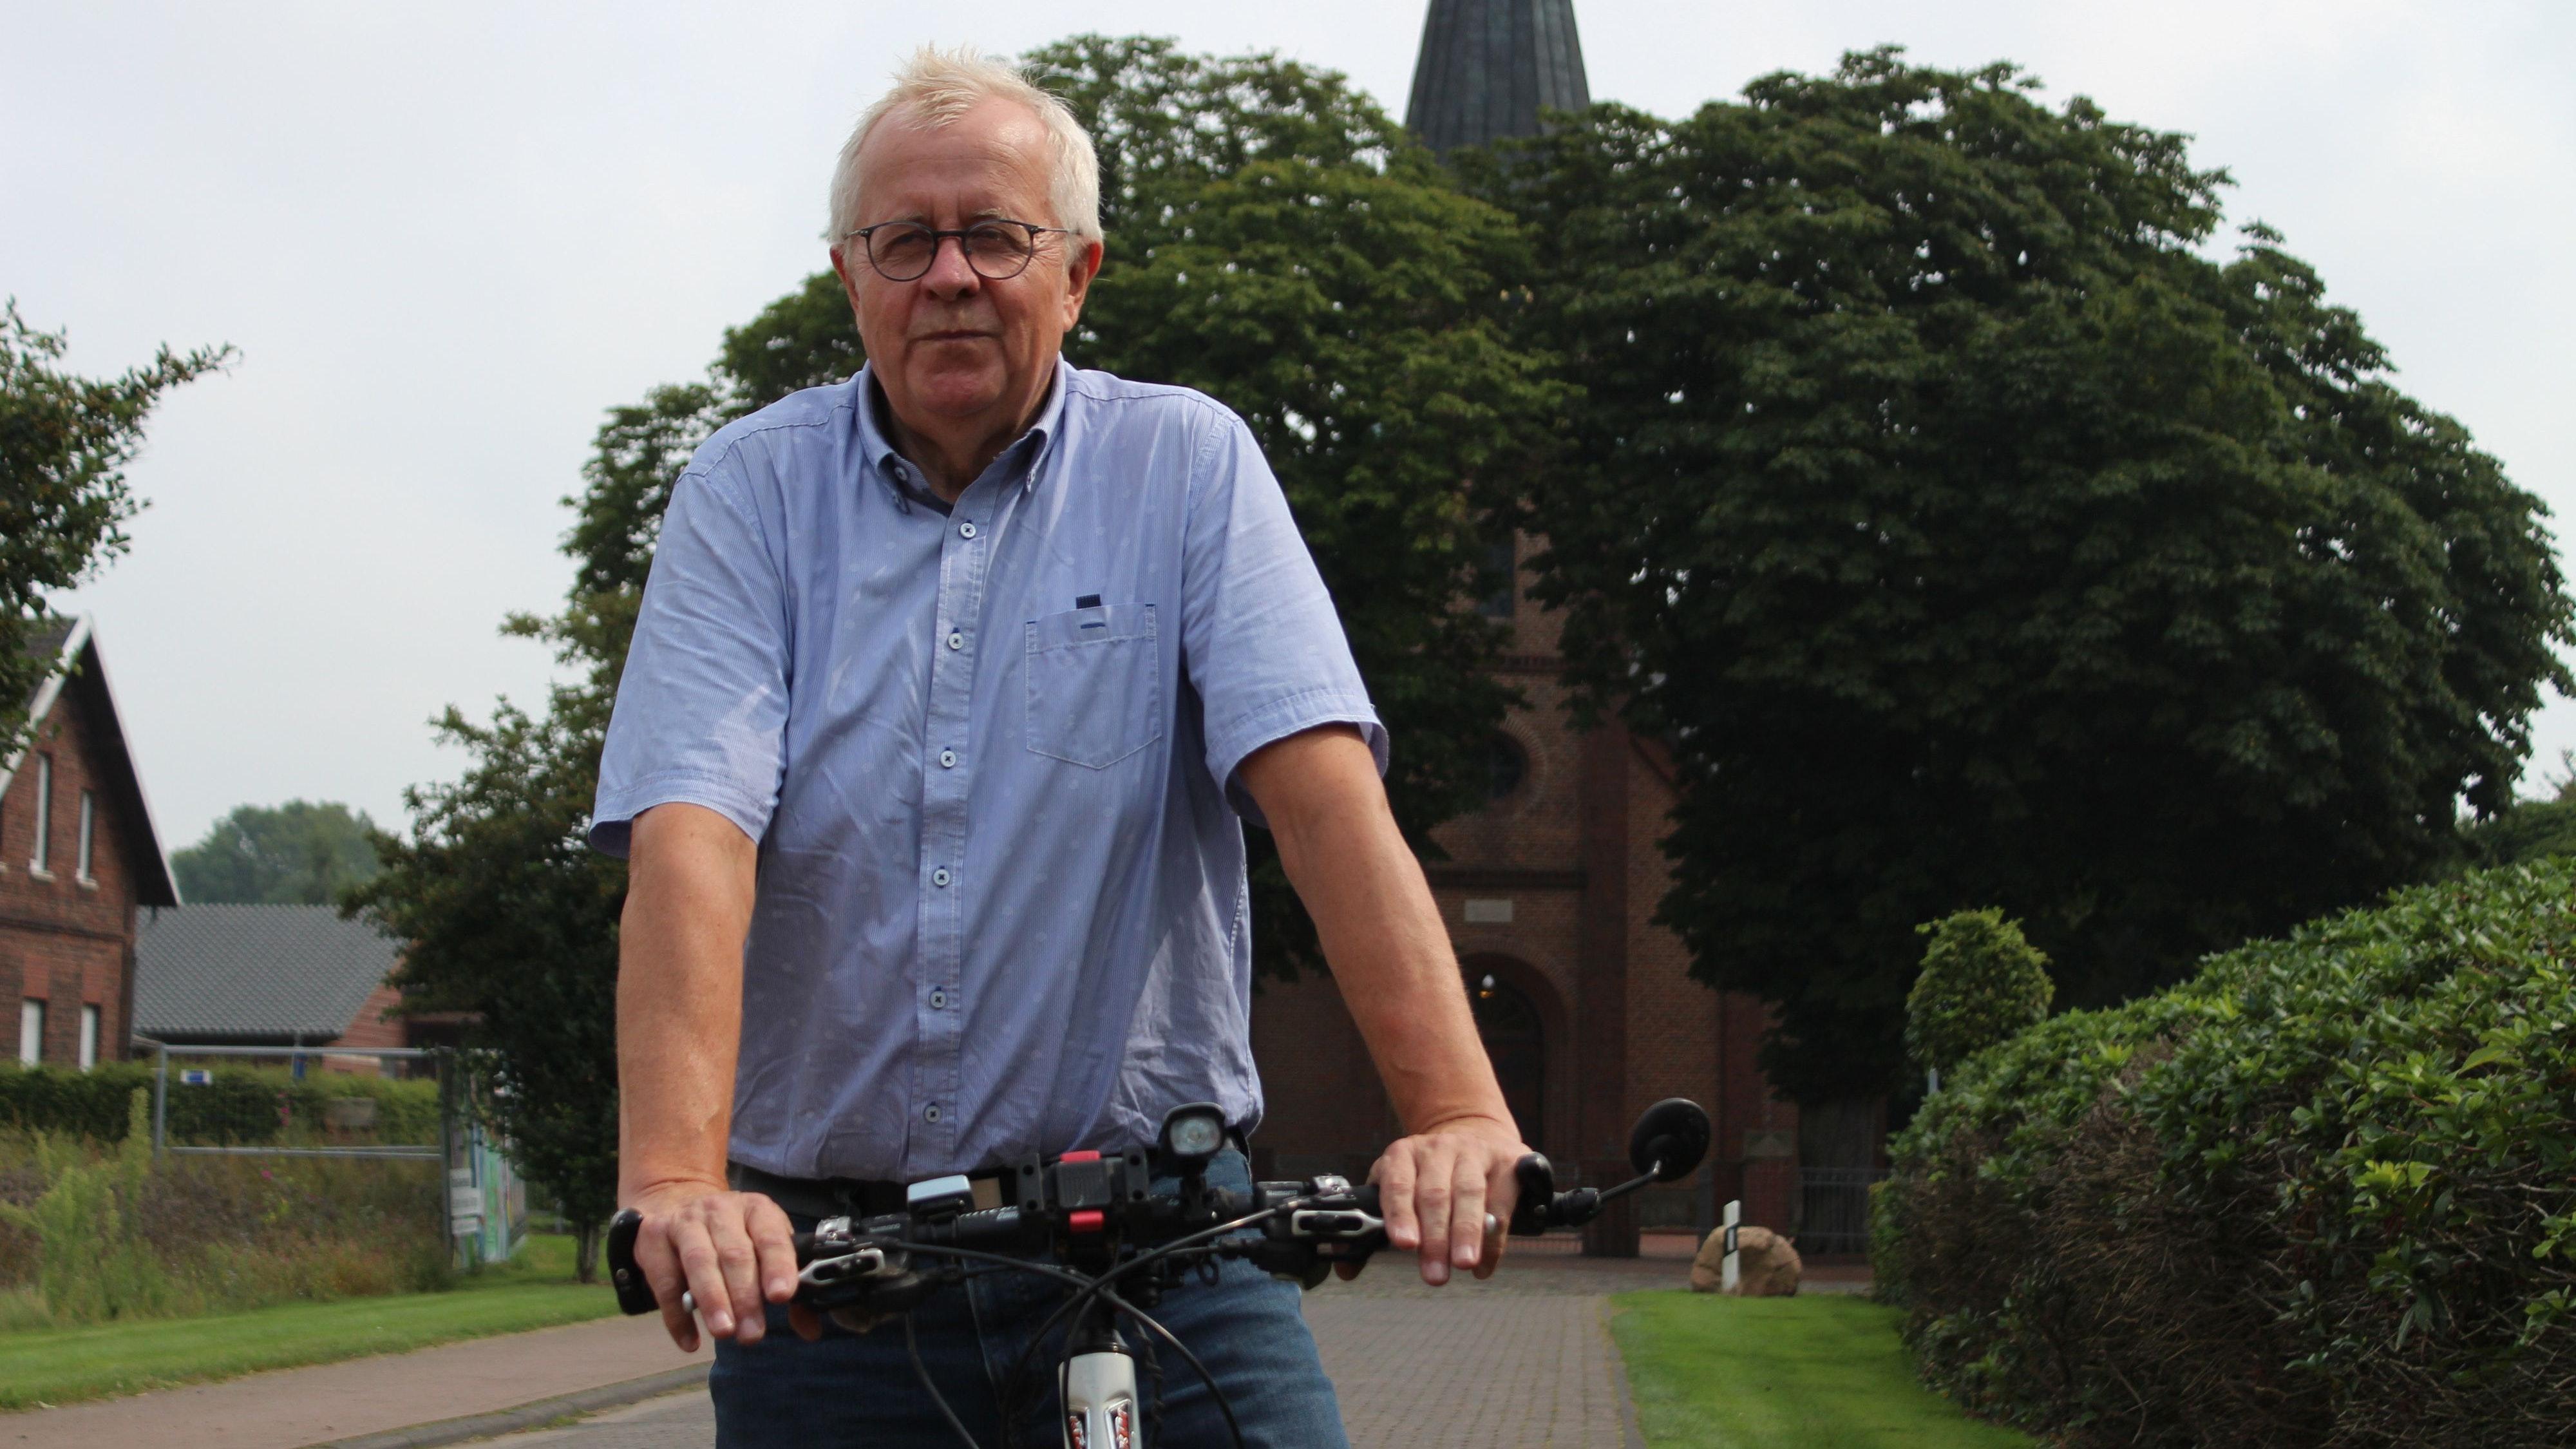 Nach Carum kommt einer von Hubert Krögers liebsten Orte auf der Radtour - das Naturschutzgebiet Lüscher Polder. Foto: Heinzel